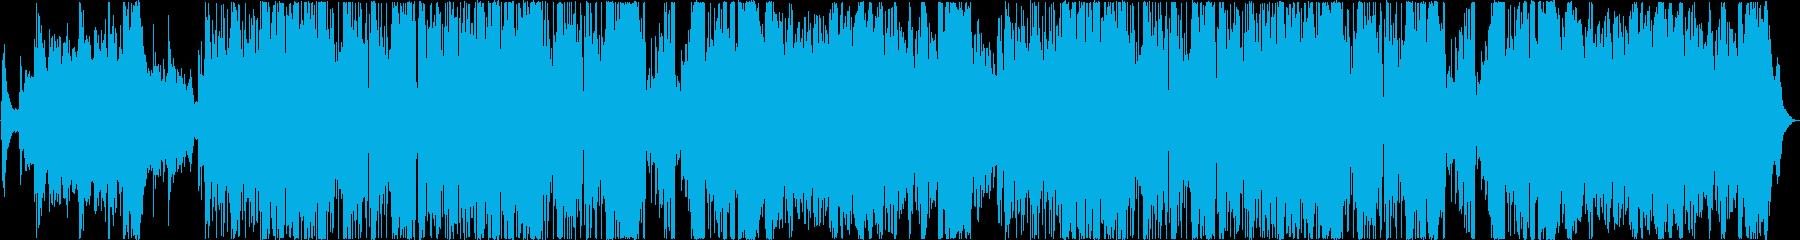 シネマティックなミドルテンポ戦闘曲の再生済みの波形